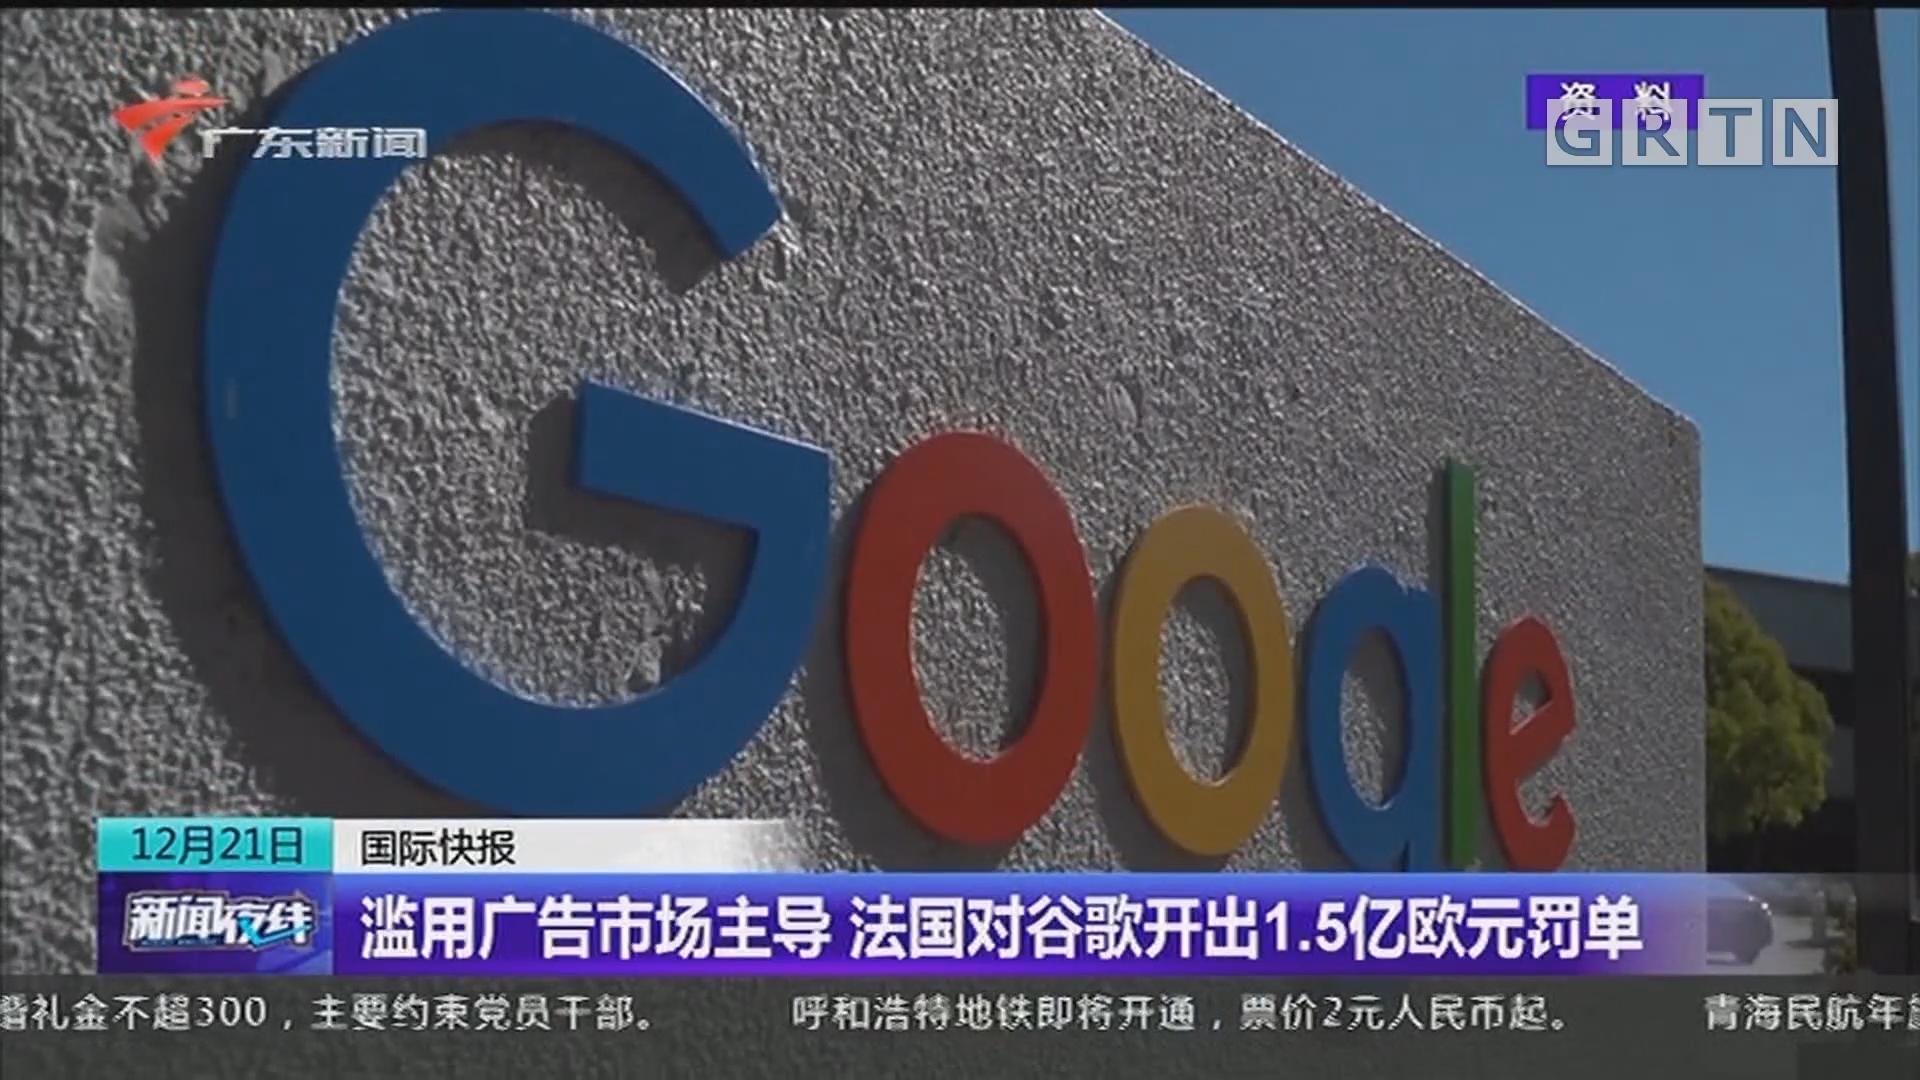 滥用广告市场主导 法国对谷歌开出1.5亿欧元罚单